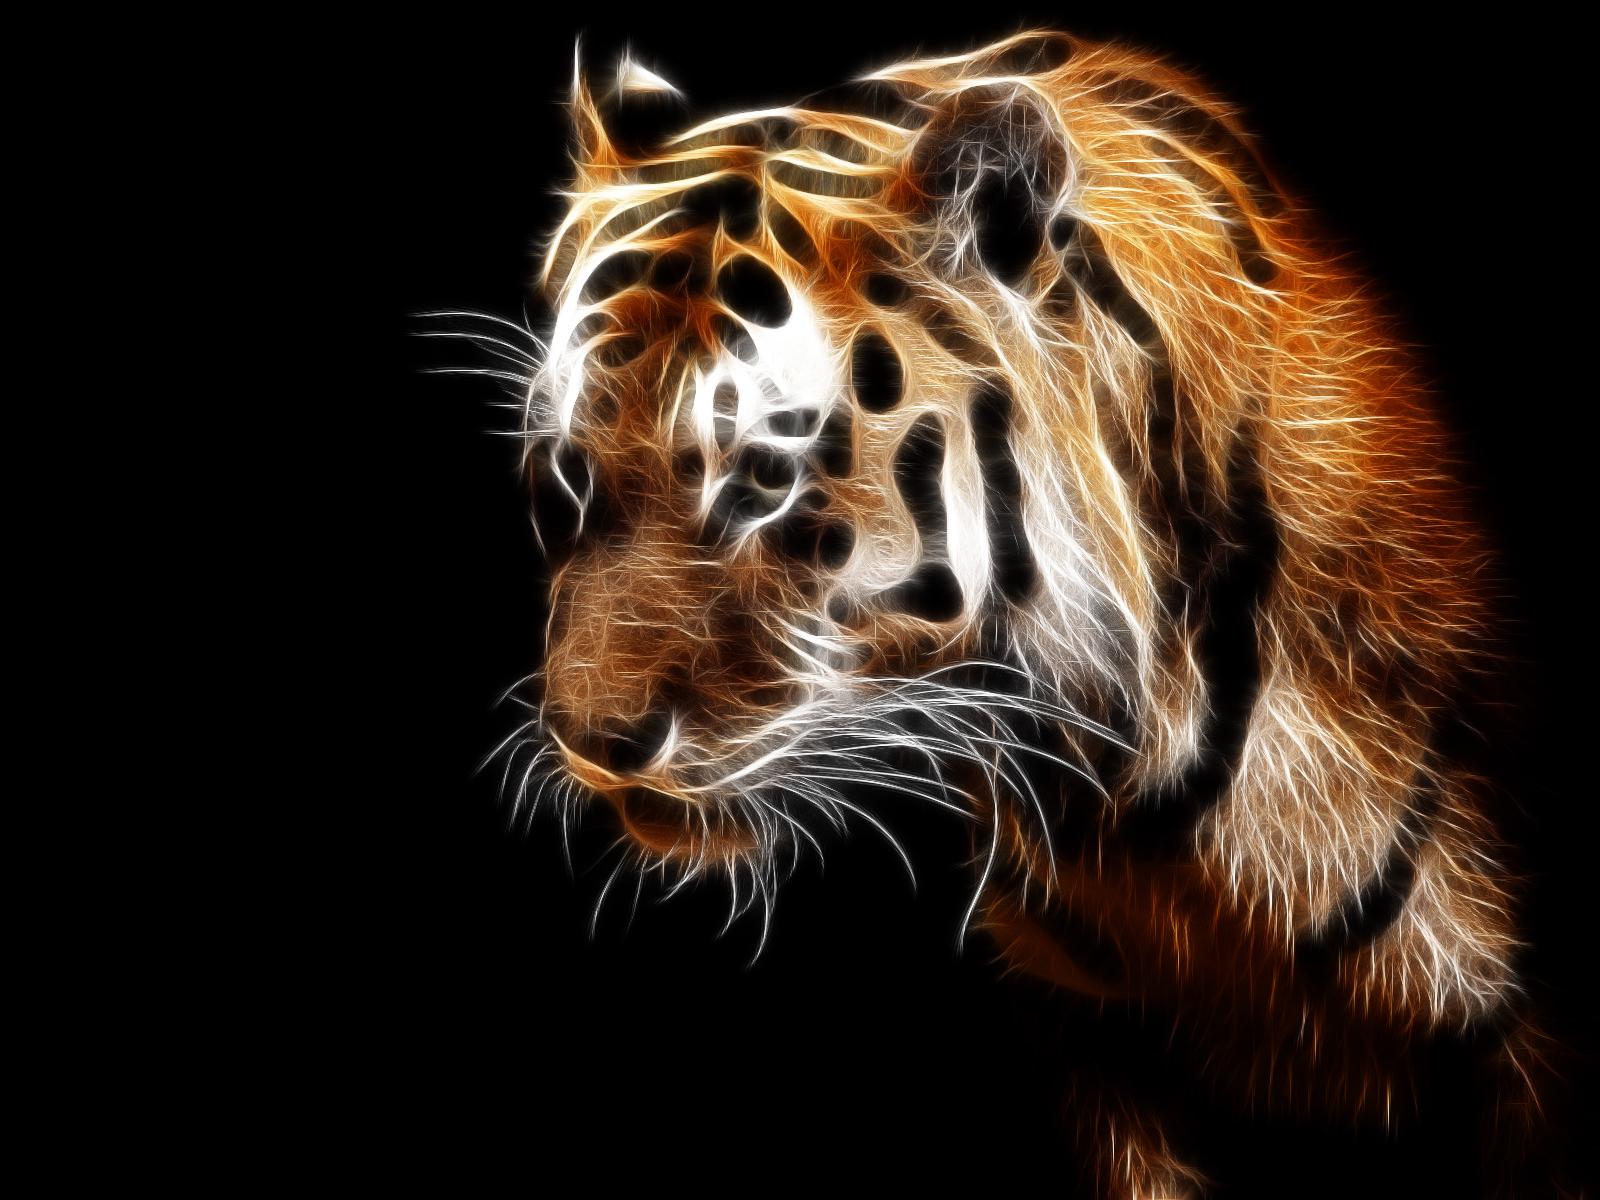 11336 Hintergrundbild herunterladen Tigers, Tiere, Kunst - Bildschirmschoner und Bilder kostenlos